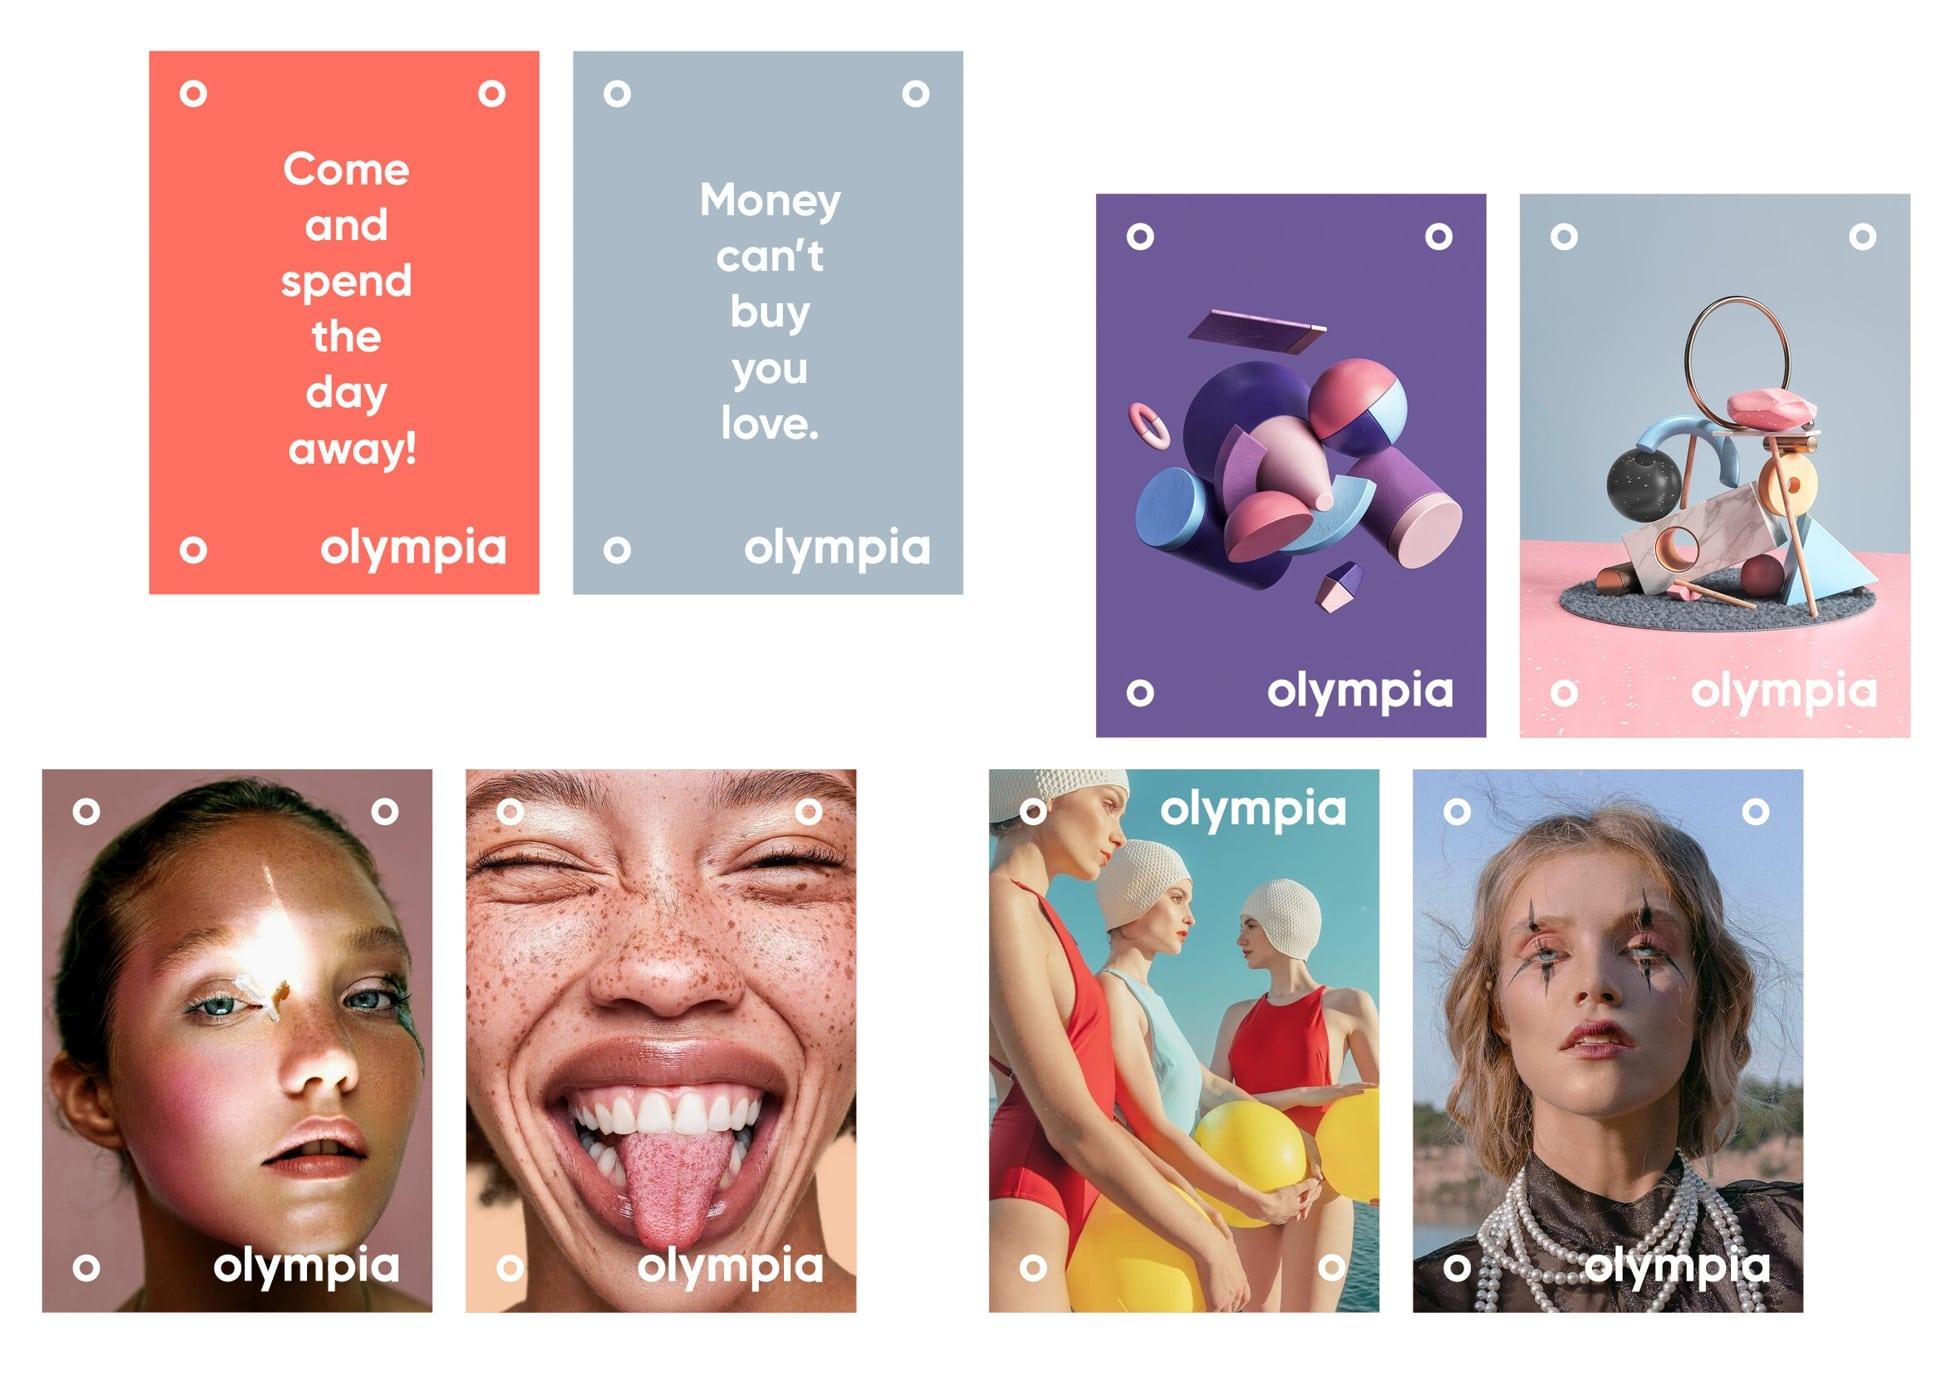 retail_olympia_billboard4